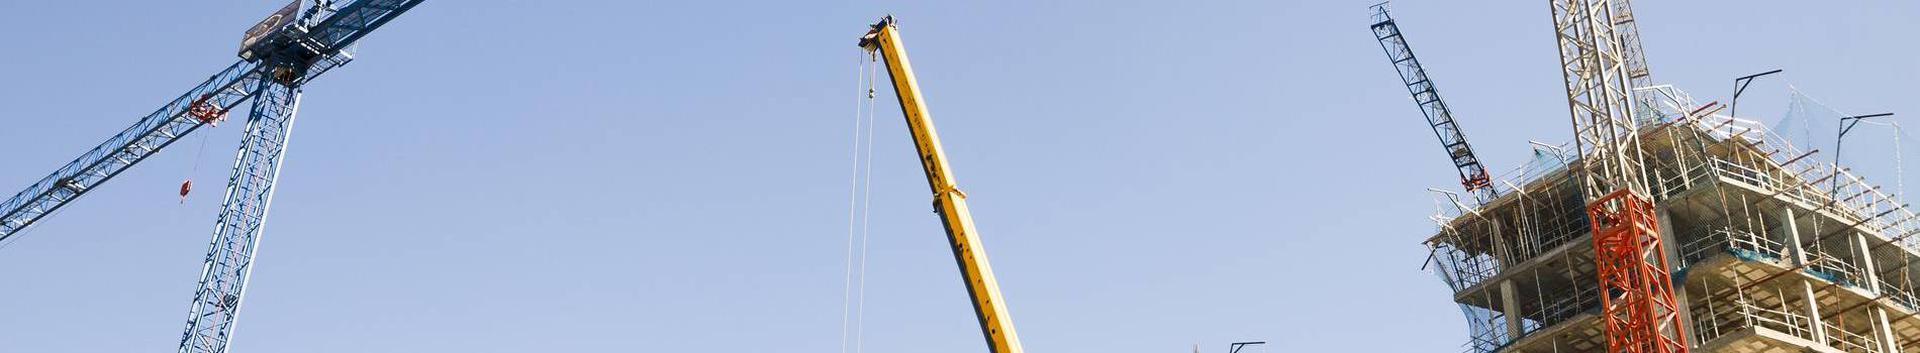 ehitus- ja viimistlusmaterjalid, metallkonstruktsioonid, Renditööjõu vahendamine